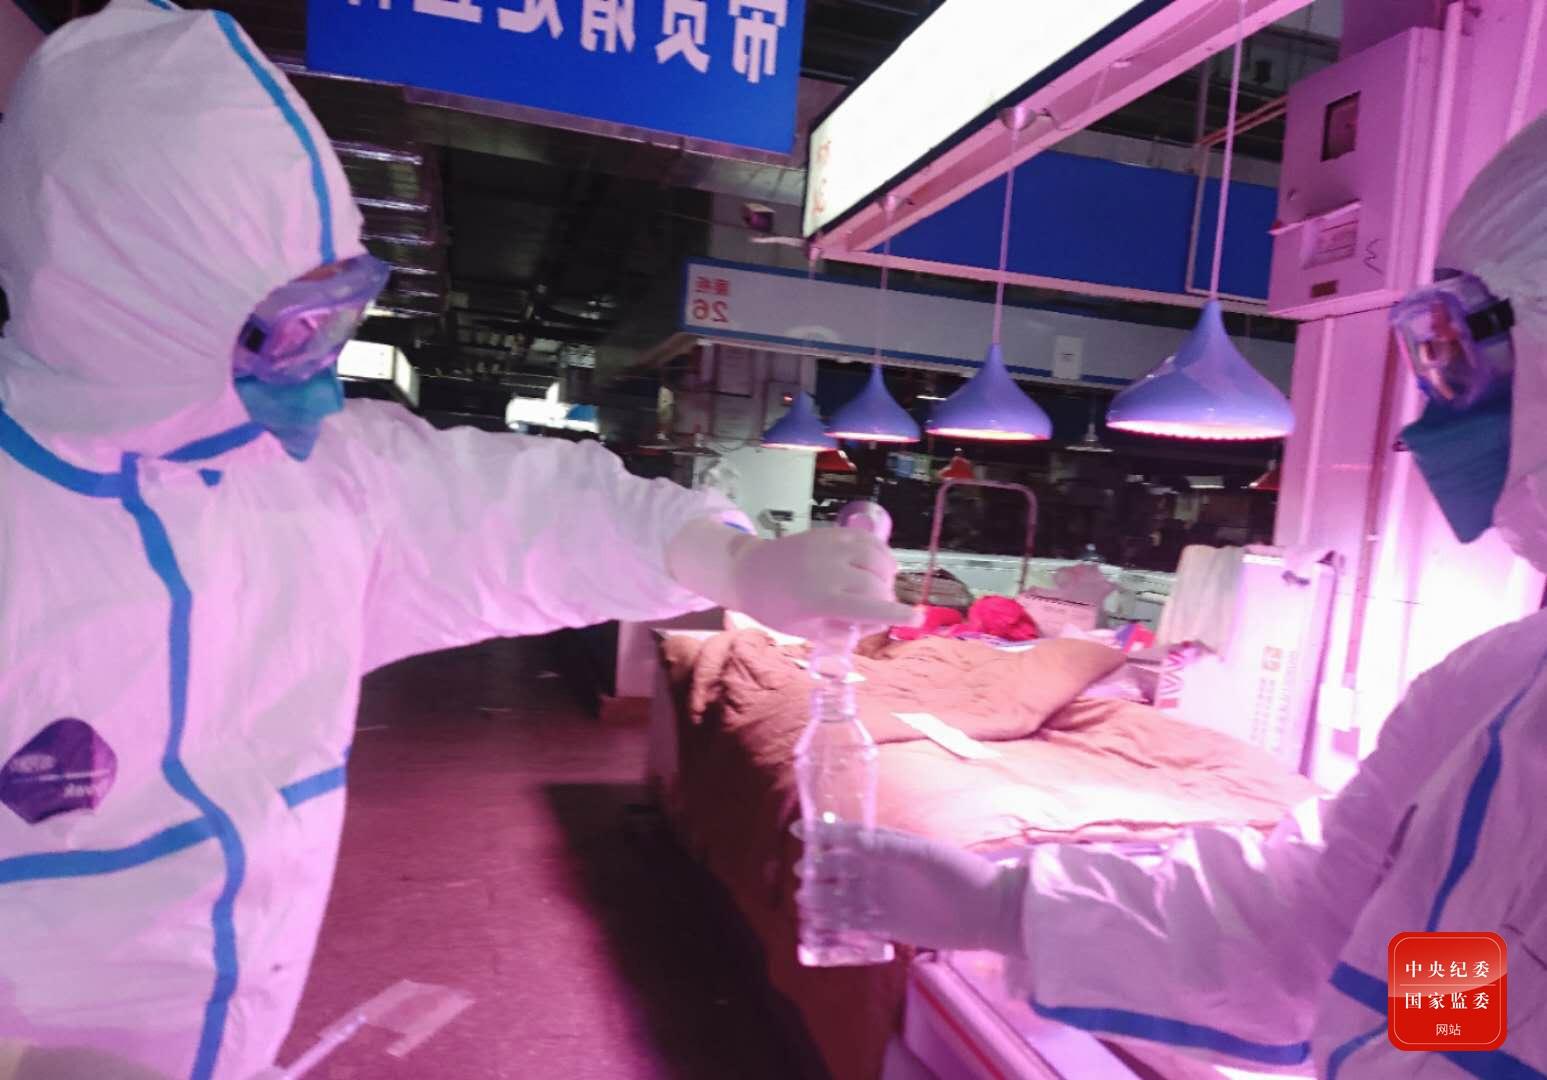 三进新发地,中国疾控中心病毒病所发现了什么?图片